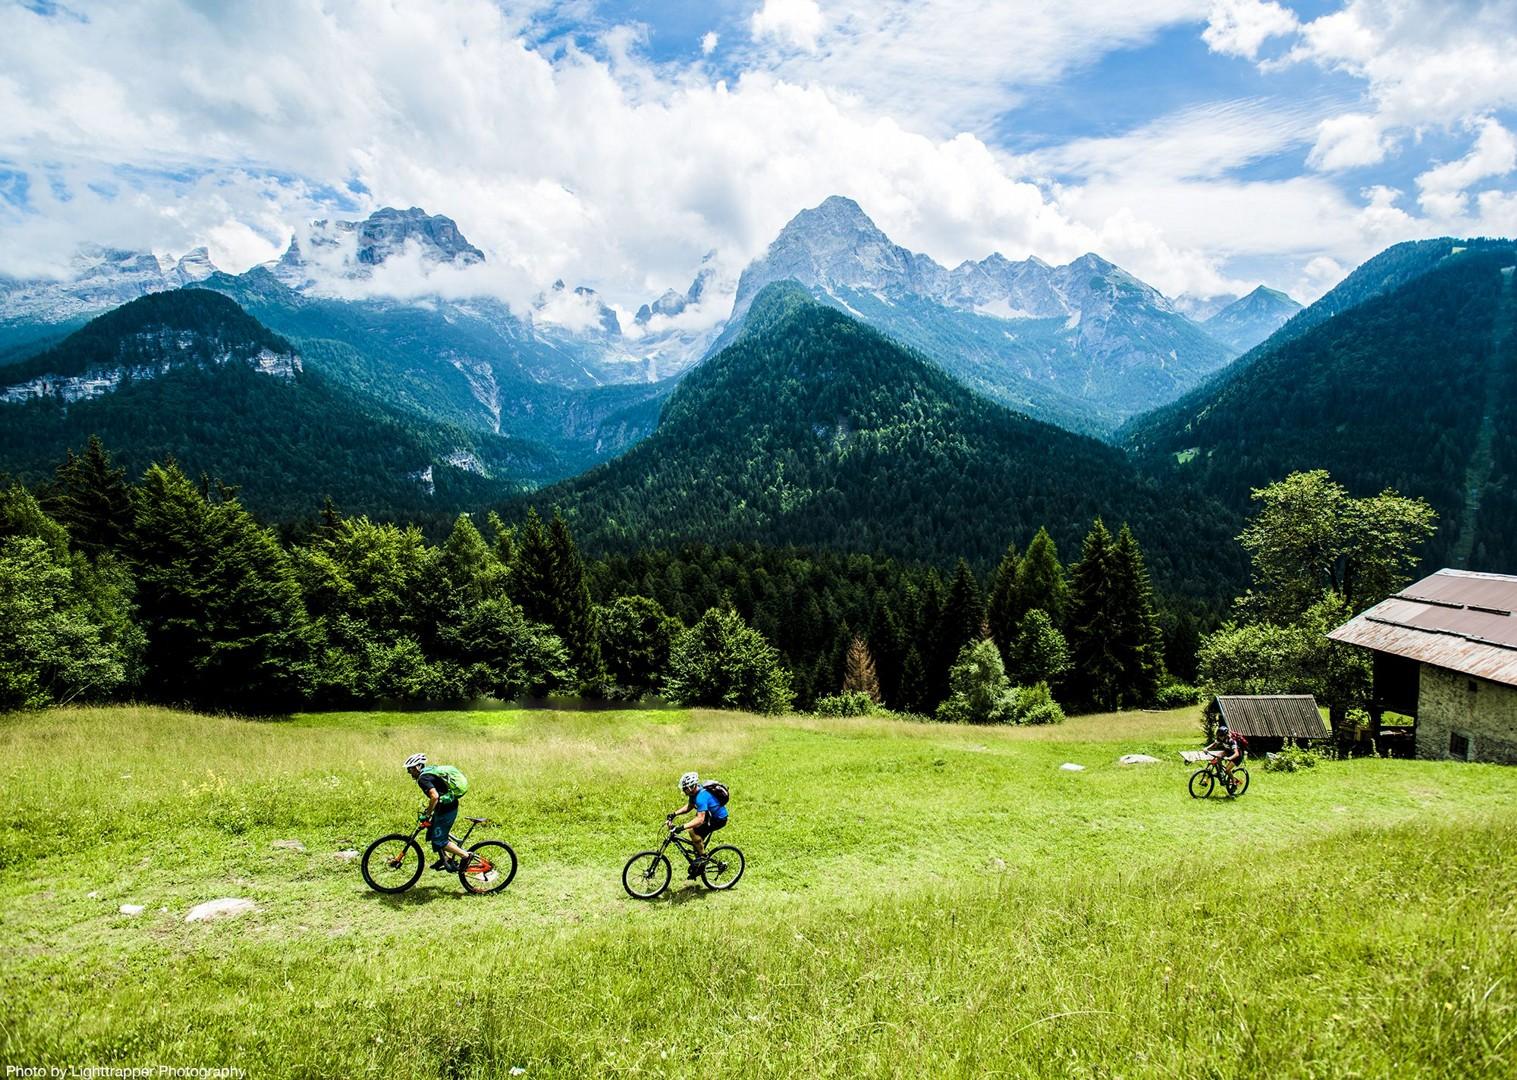 saddle_skedaddle_italy_2017_day6_brenta_dolomites_143-2.jpg - Italy - Dolomites of Brenta - Guided Mountain Bike Holiday - Italia Mountain Biking